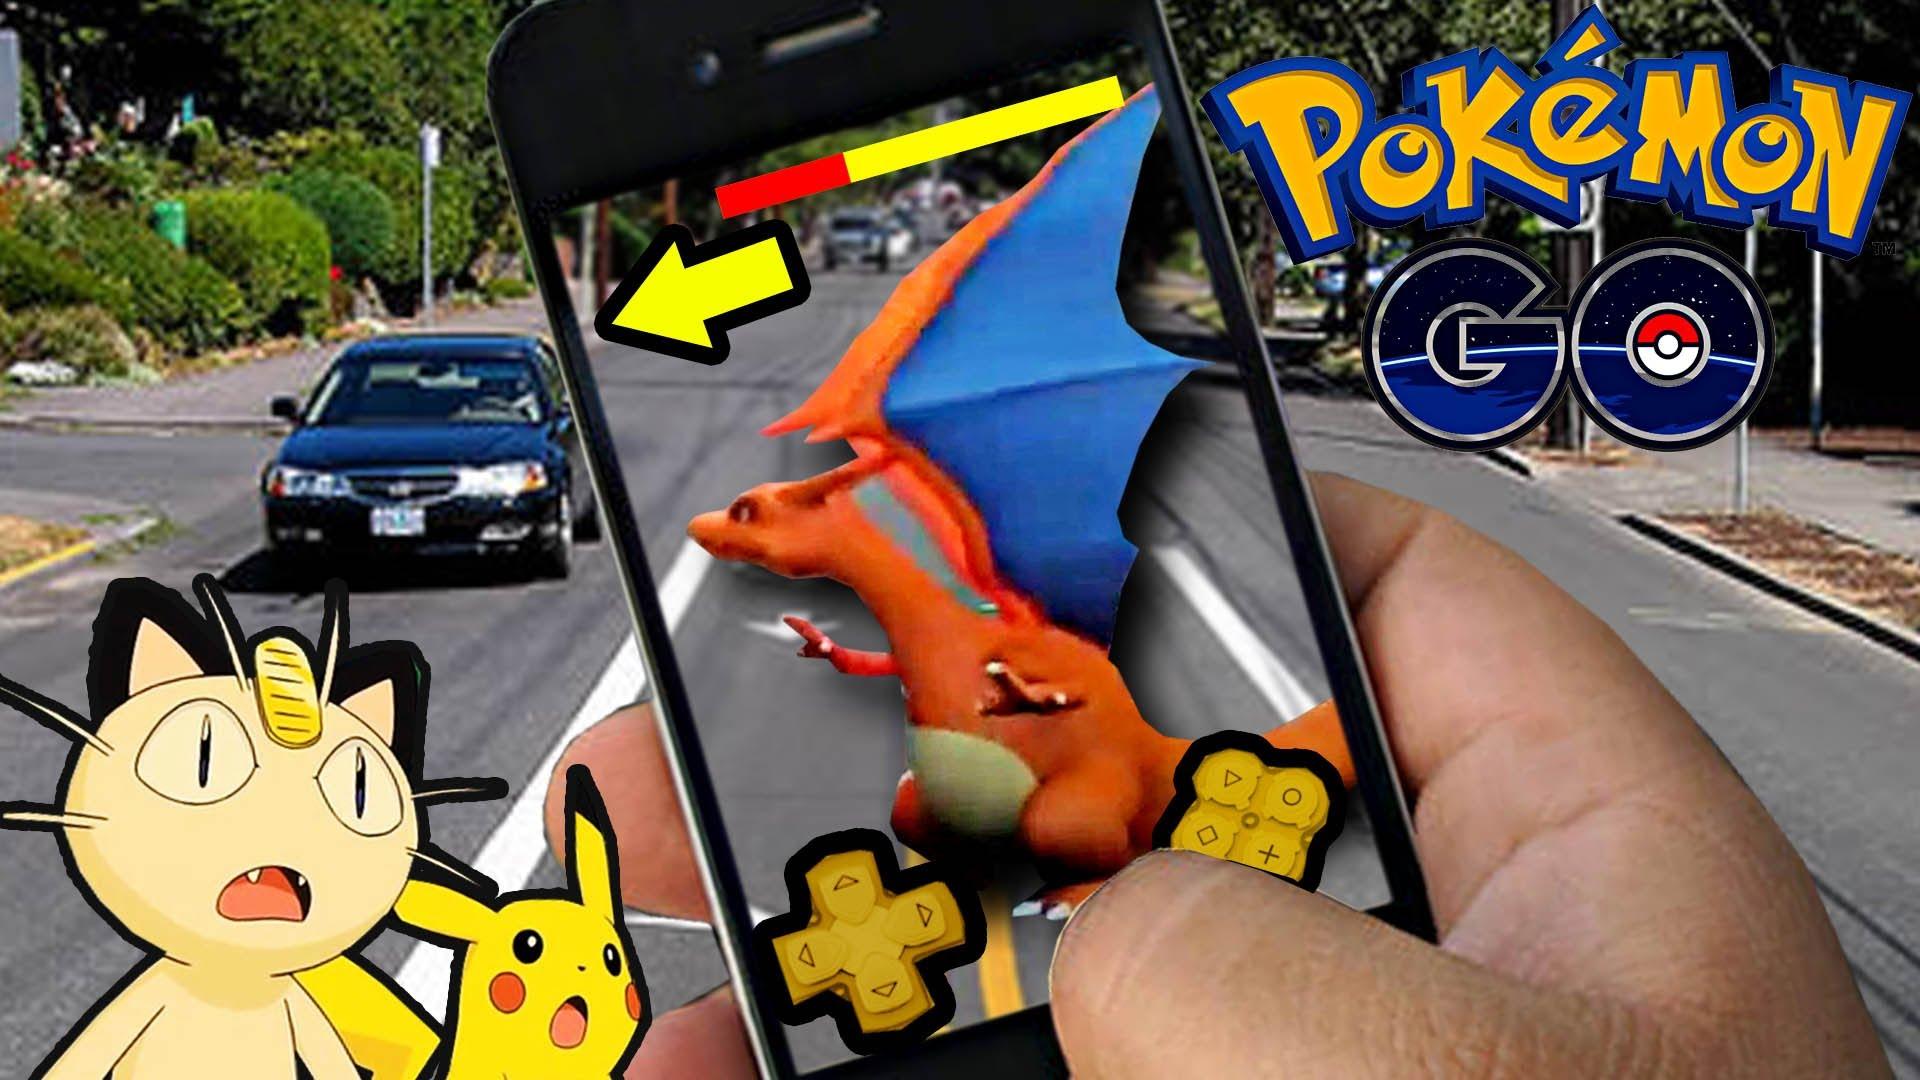 Скачать pokemon go — покемон гоу на телефон и андроид (apk).